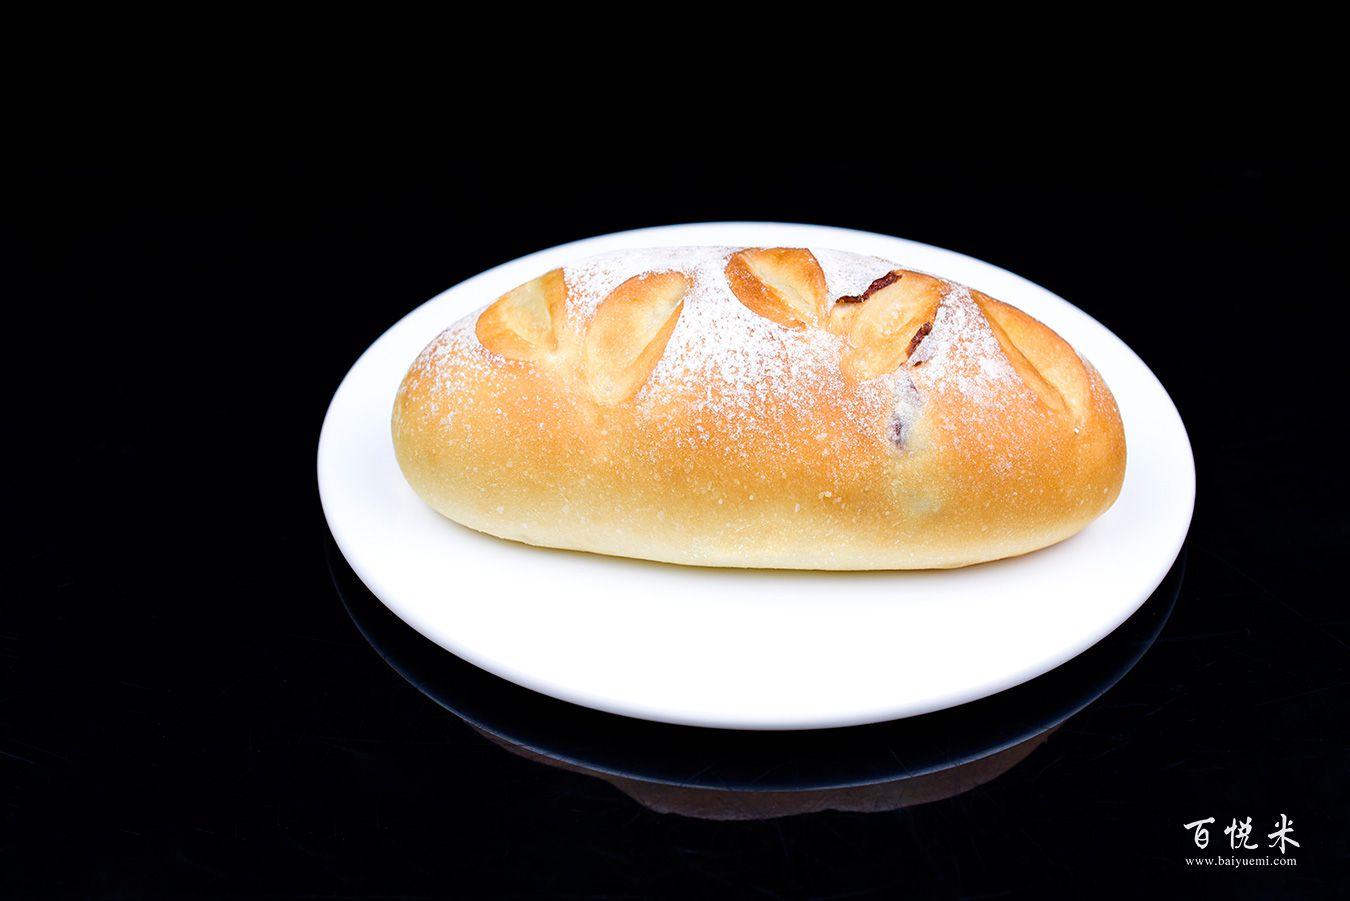 蔓越莓面包高清图片大全【蛋糕图片】_535